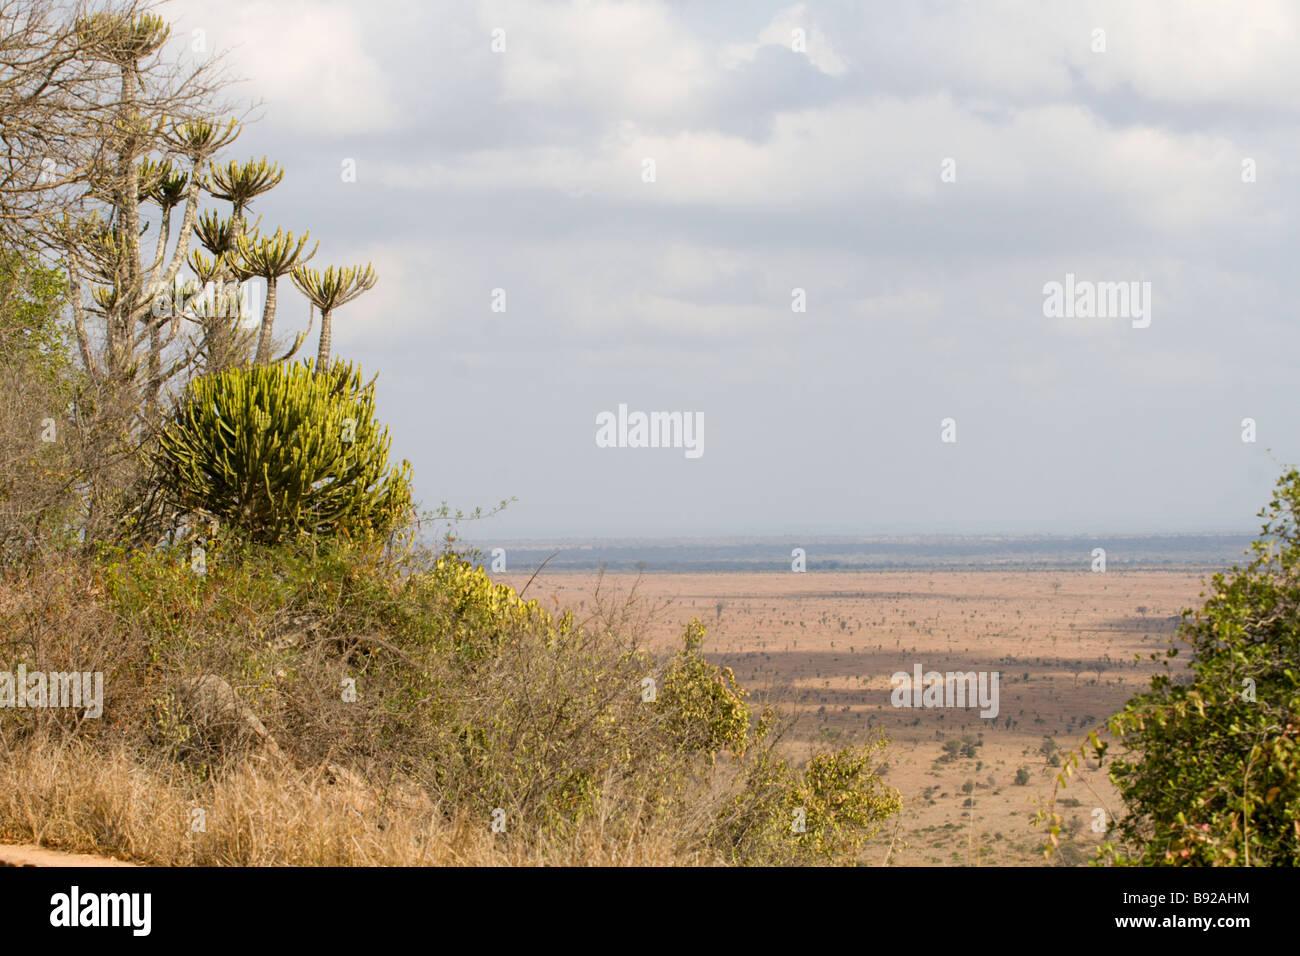 Lebombo knobthorn marula bushveld eco system Kruger National Park Mpumalanga Province South Africa - Stock Image